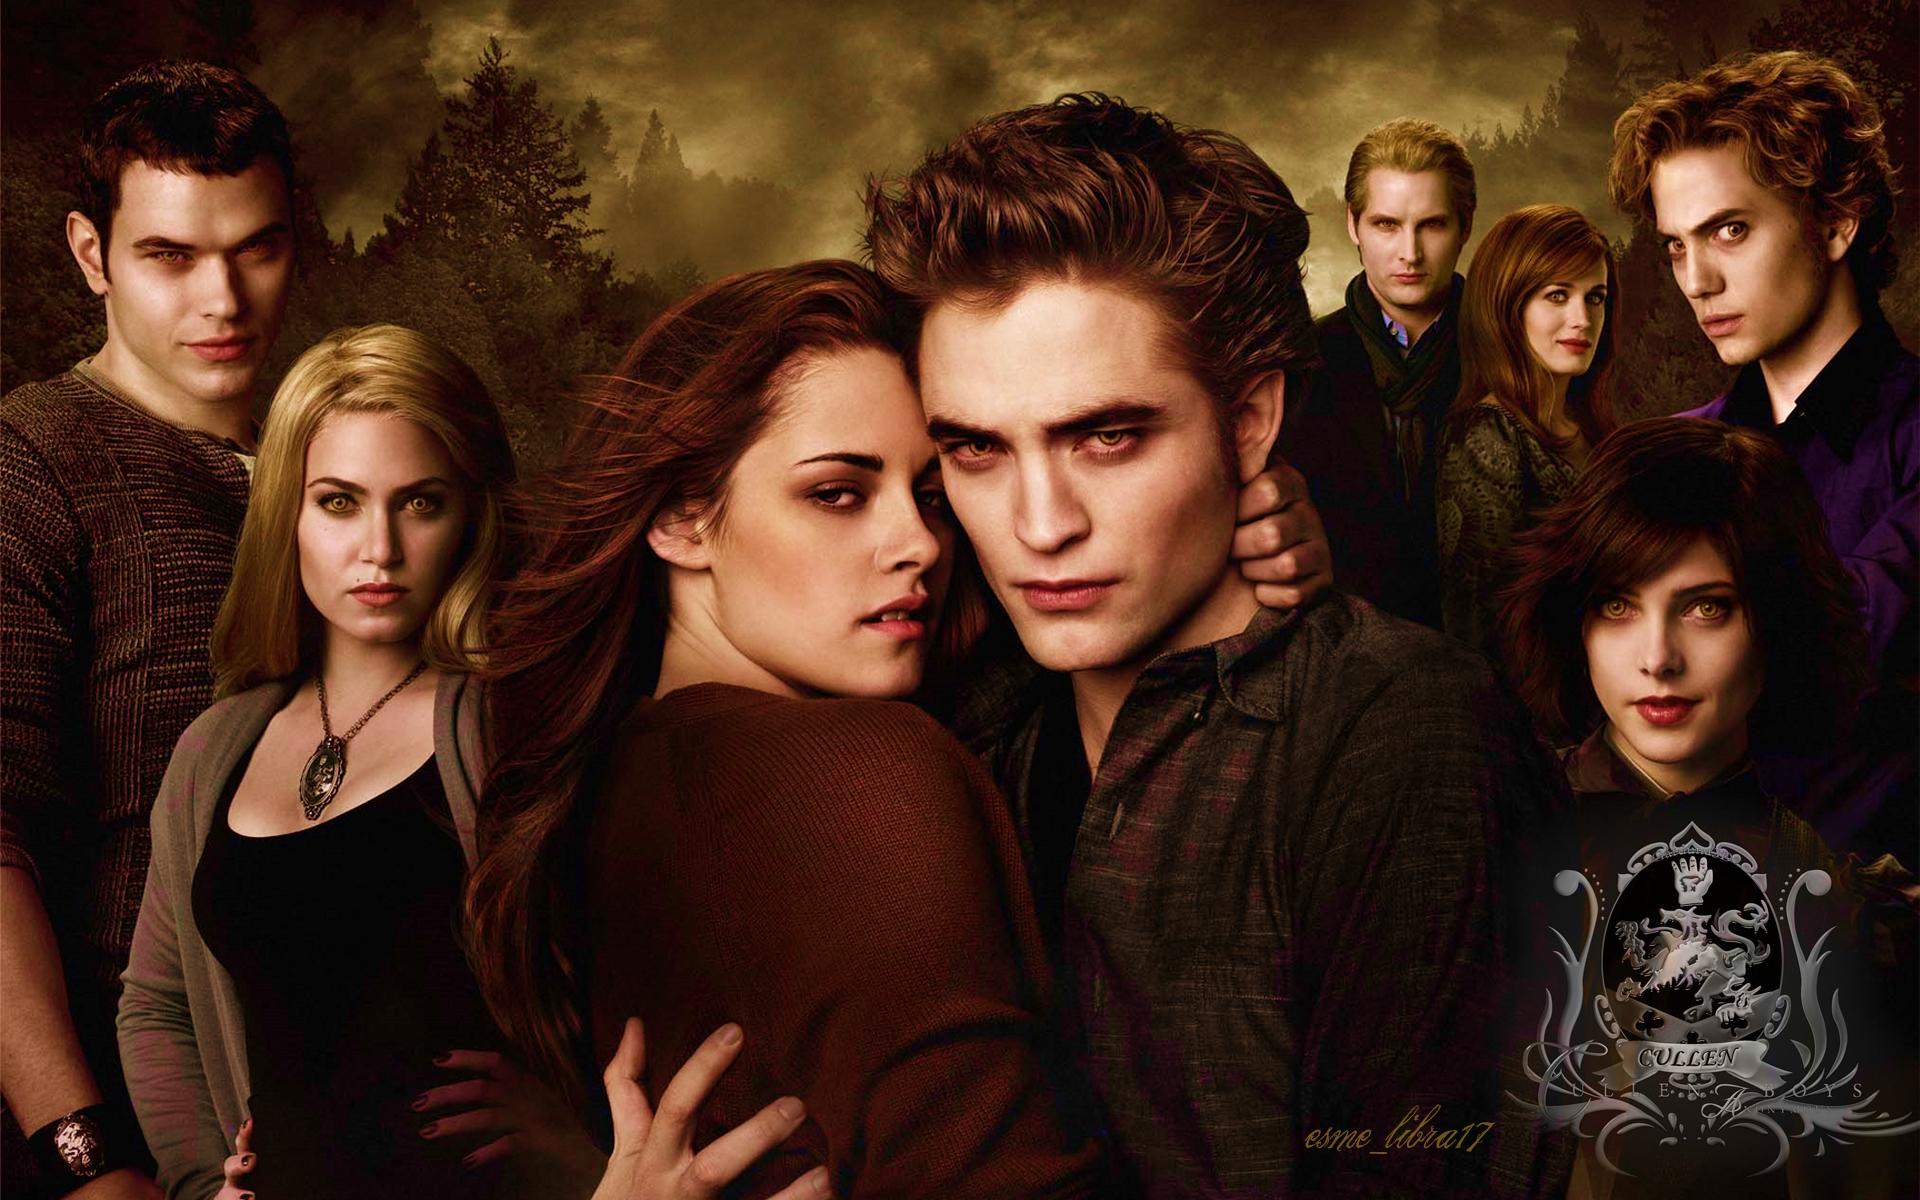 Cullens New Moon